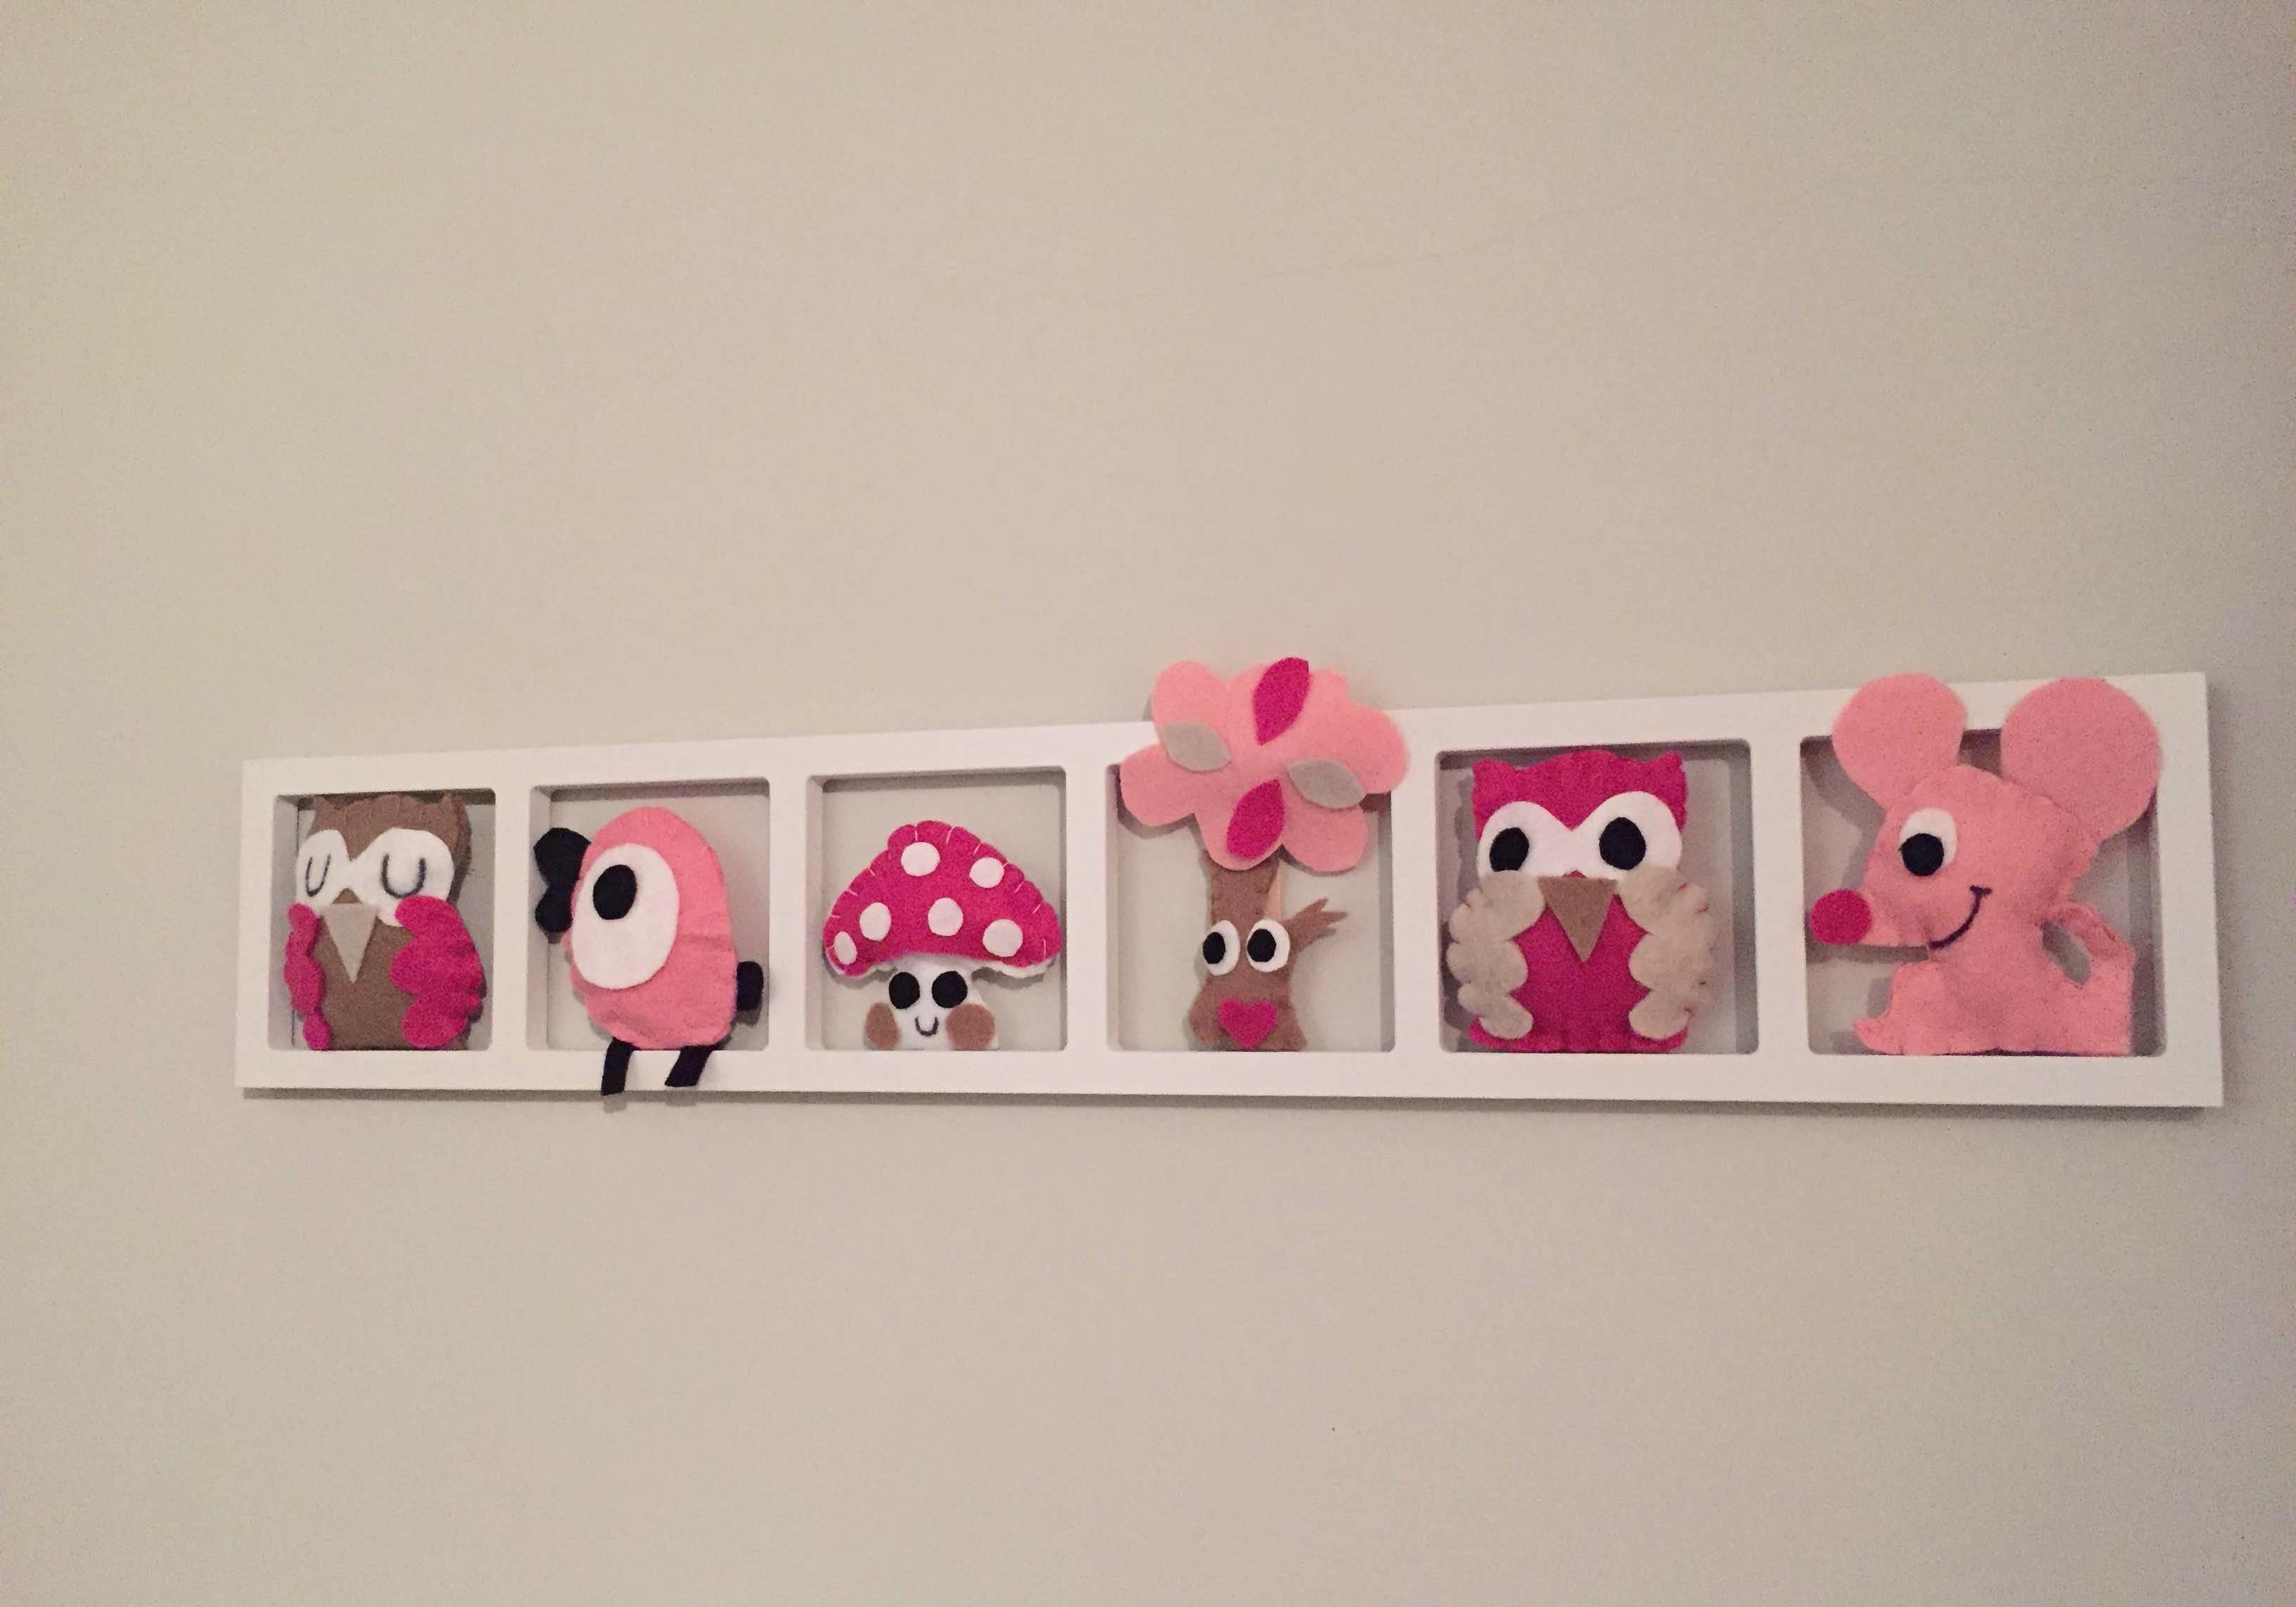 Deco Murale Chambre Bebe Fille.Deco Murale Le Bois Rosa Rose Pale Beige Bichat 137